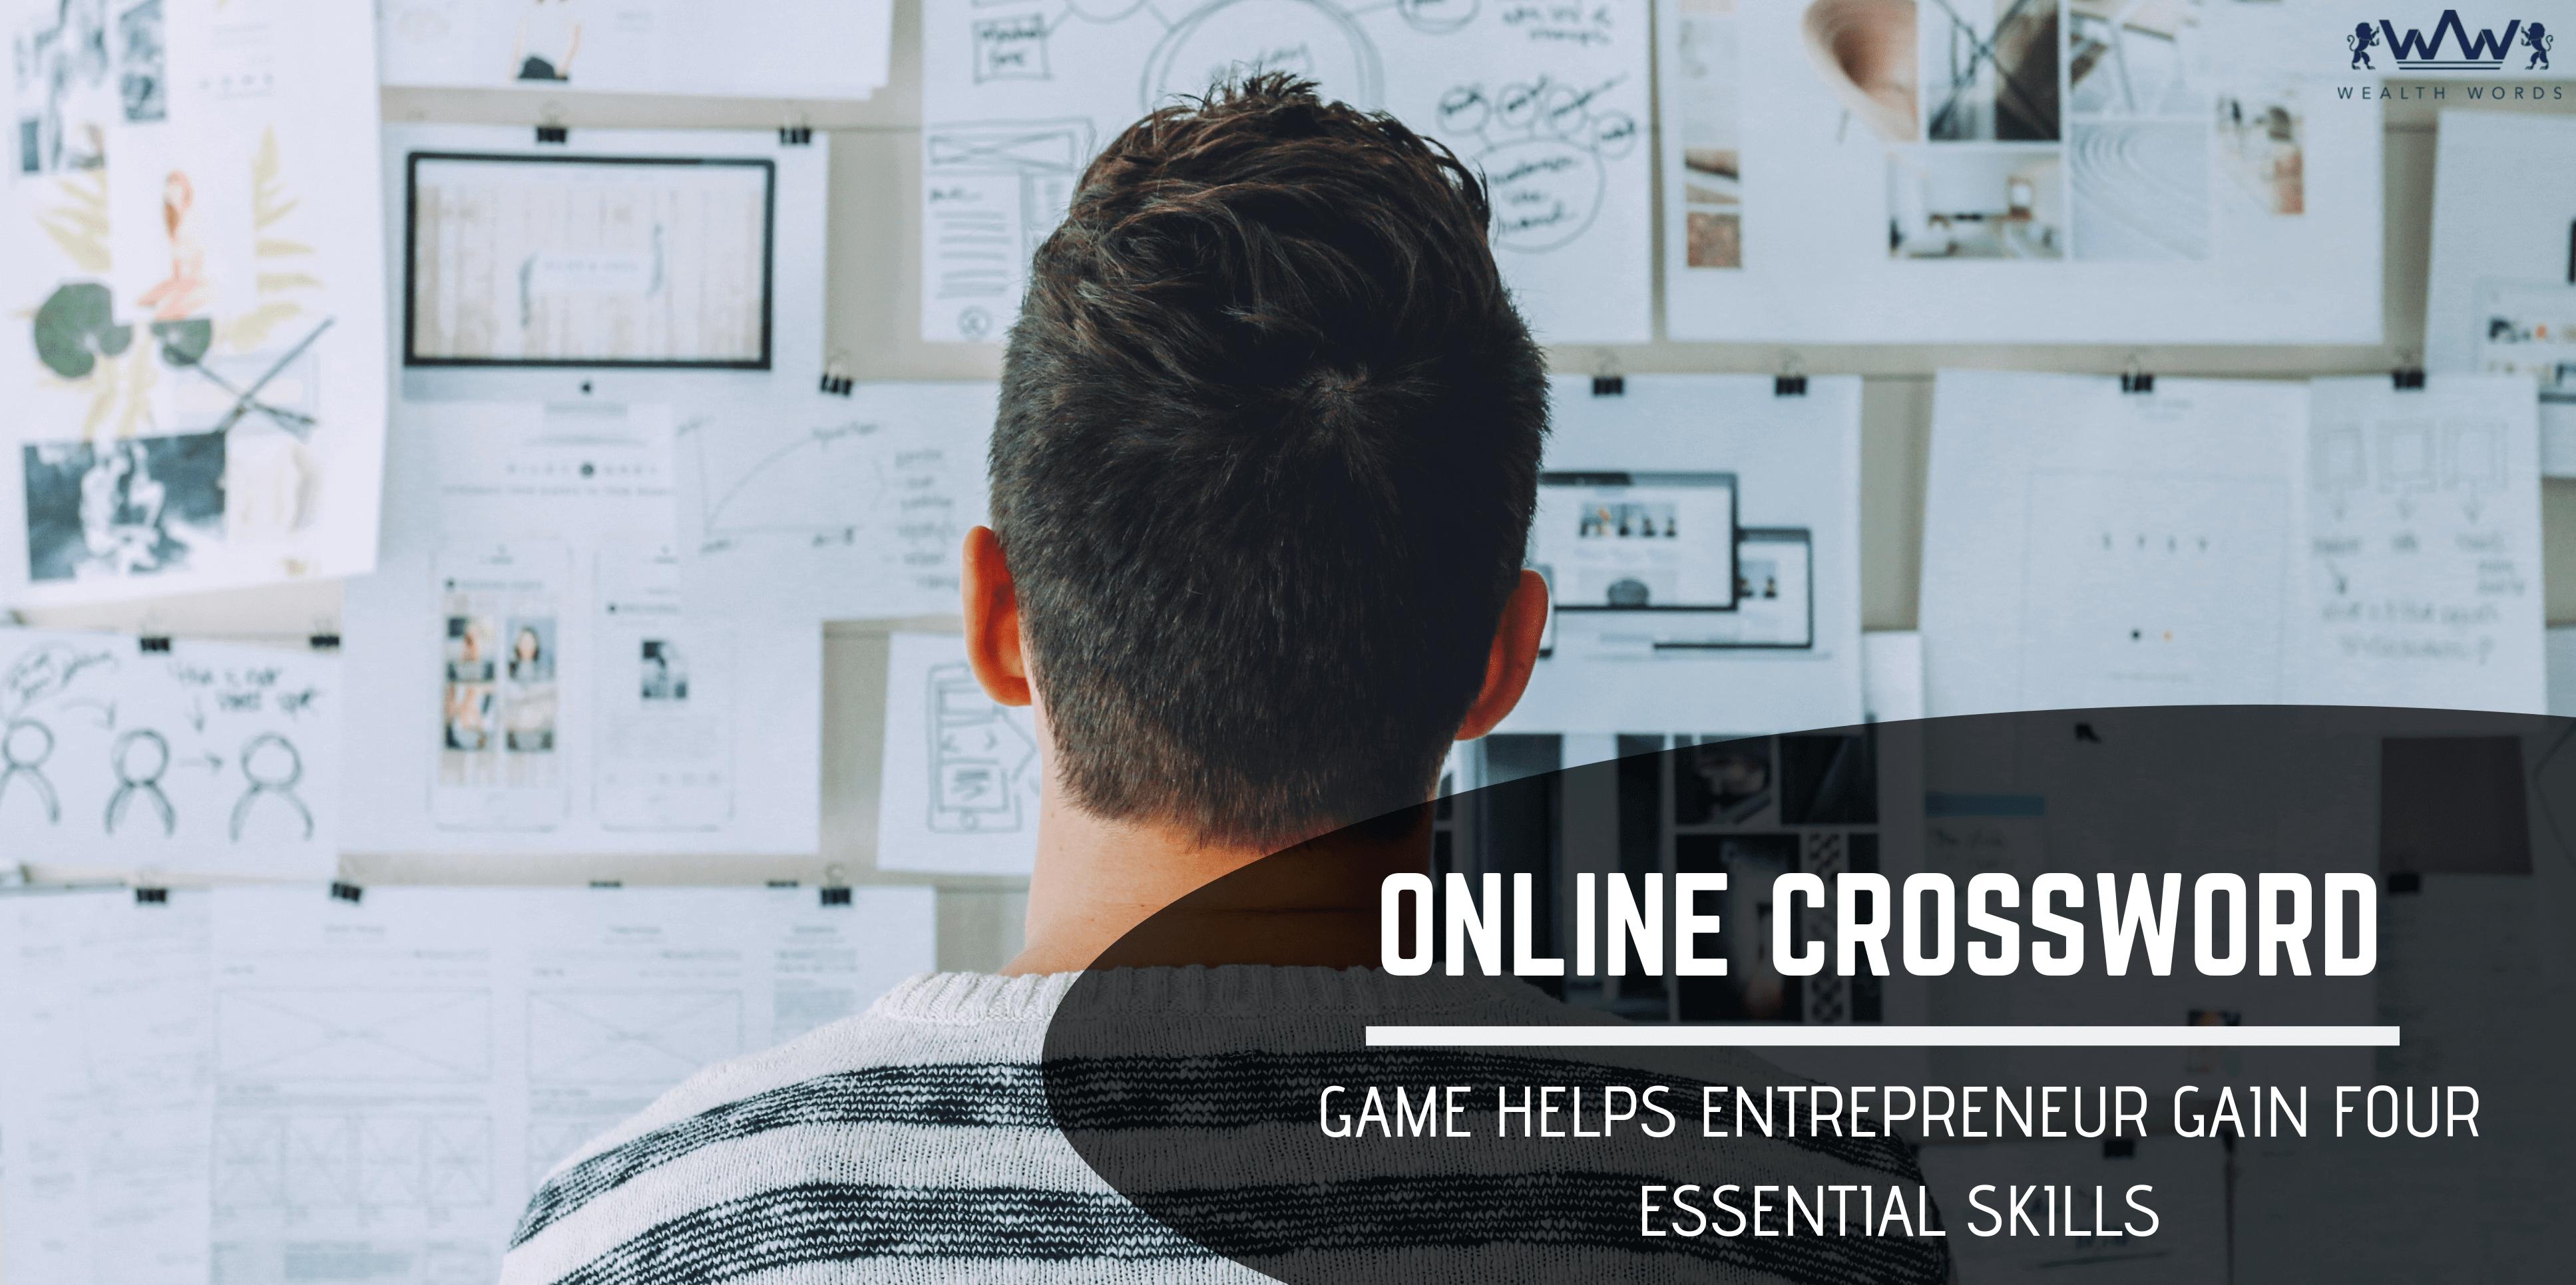 doing crossword, benefits of crossword, crossword puzzles, online crosswords